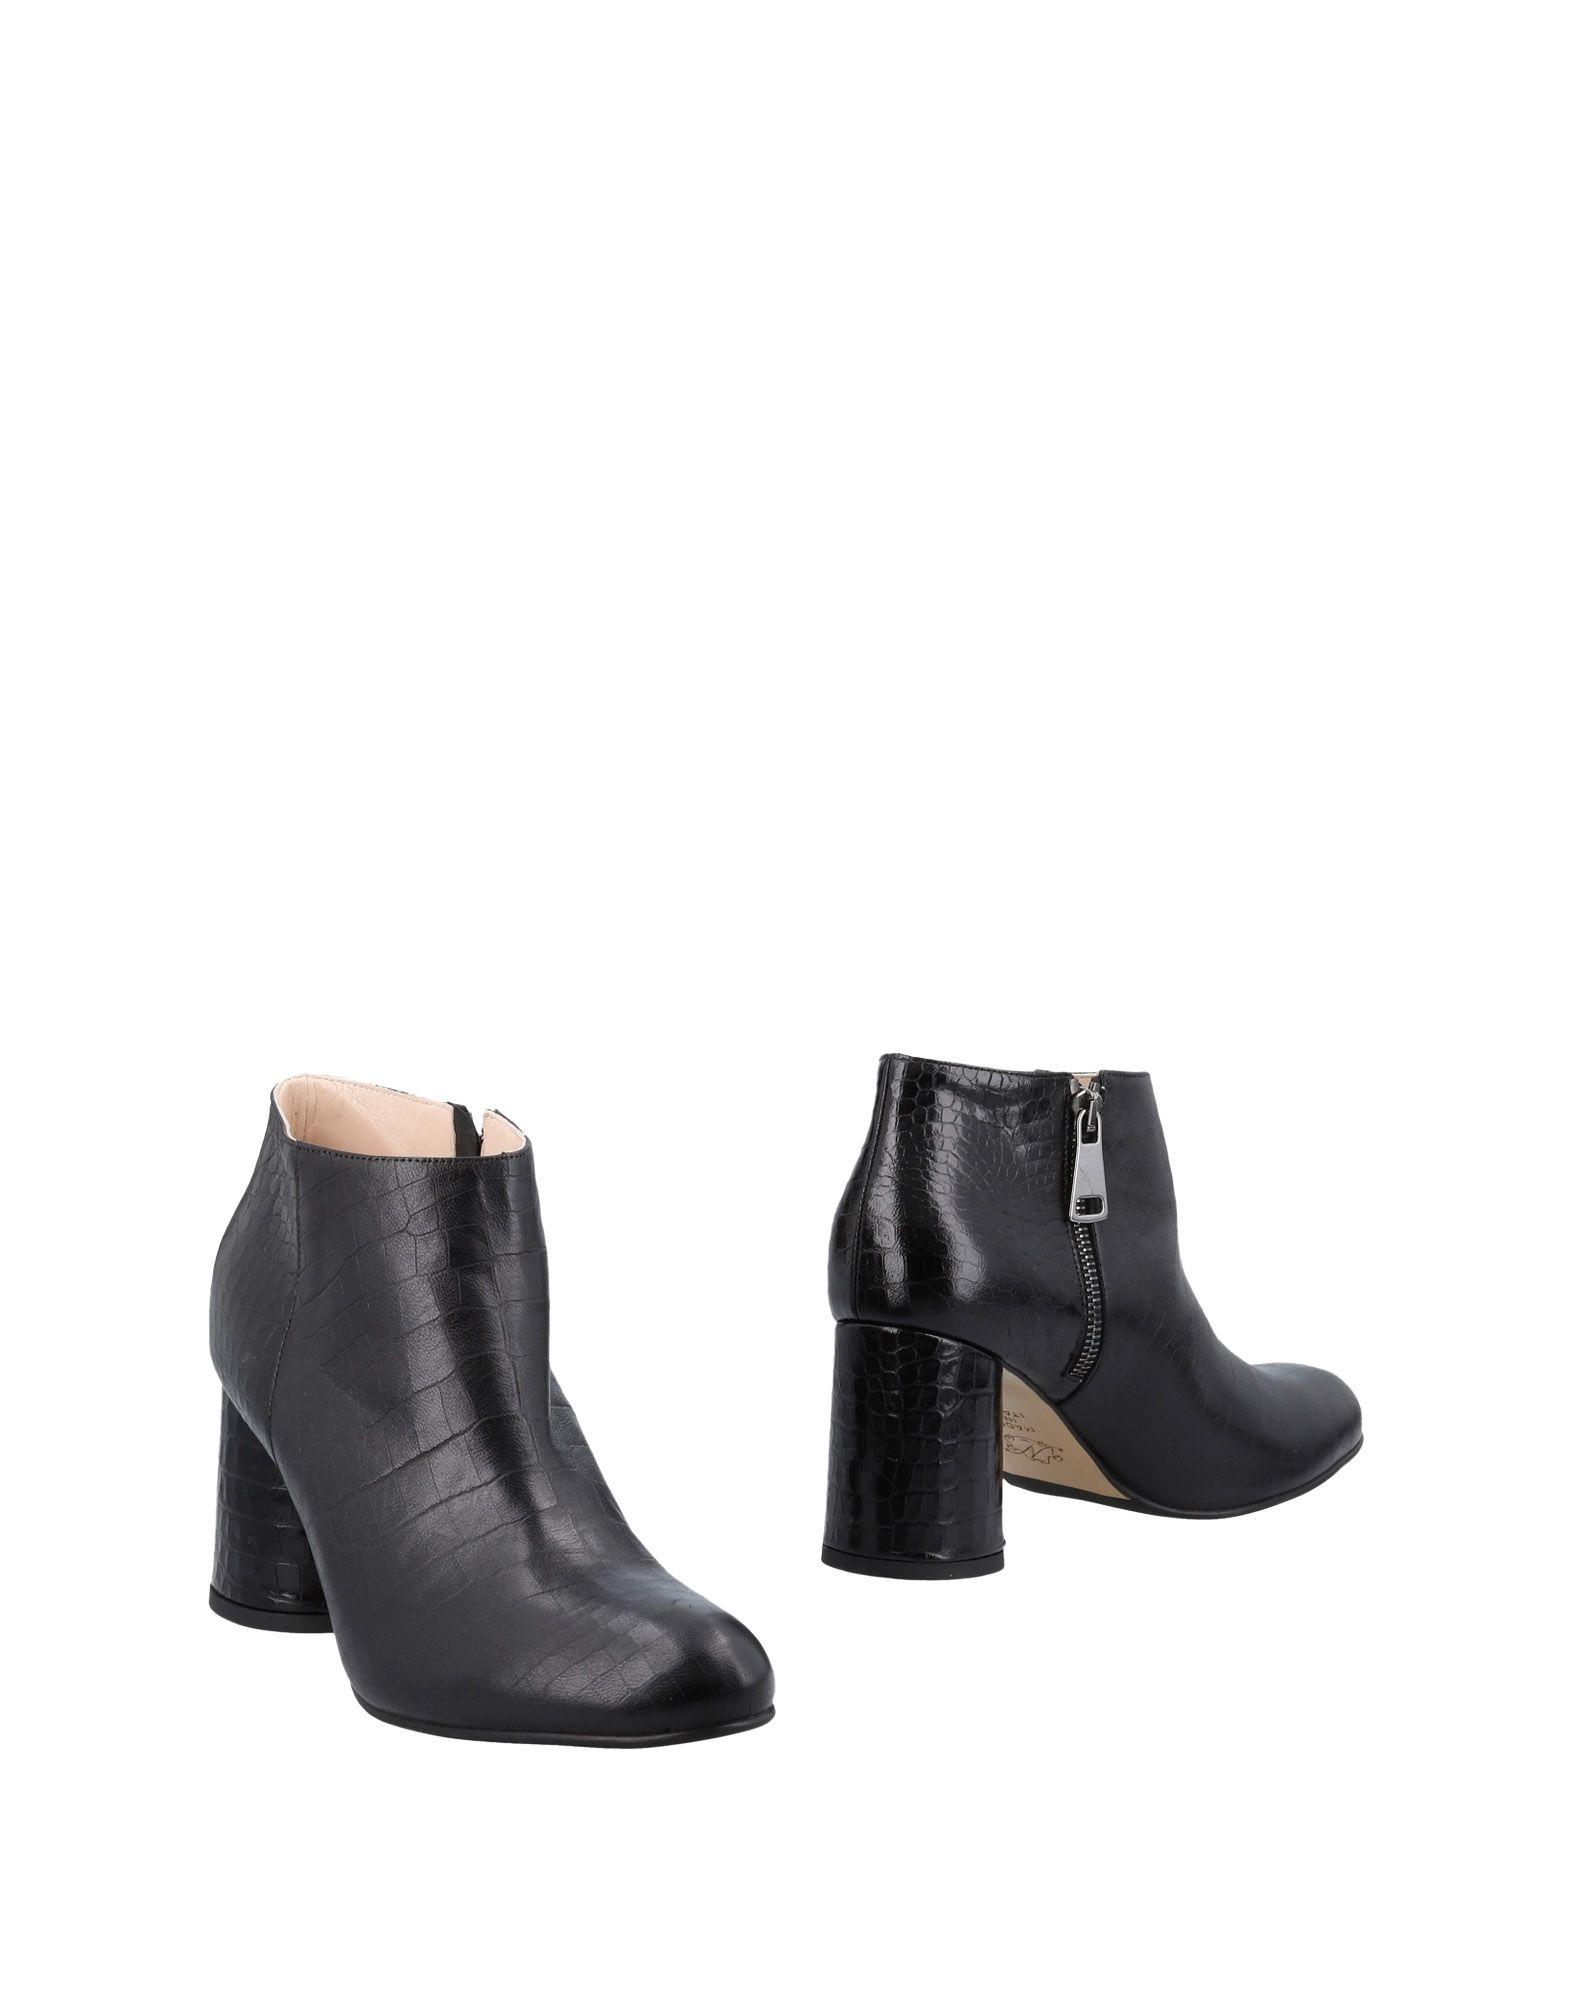 Nora Stiefelette Damen  11484036HHGut aussehende strapazierfähige Schuhe